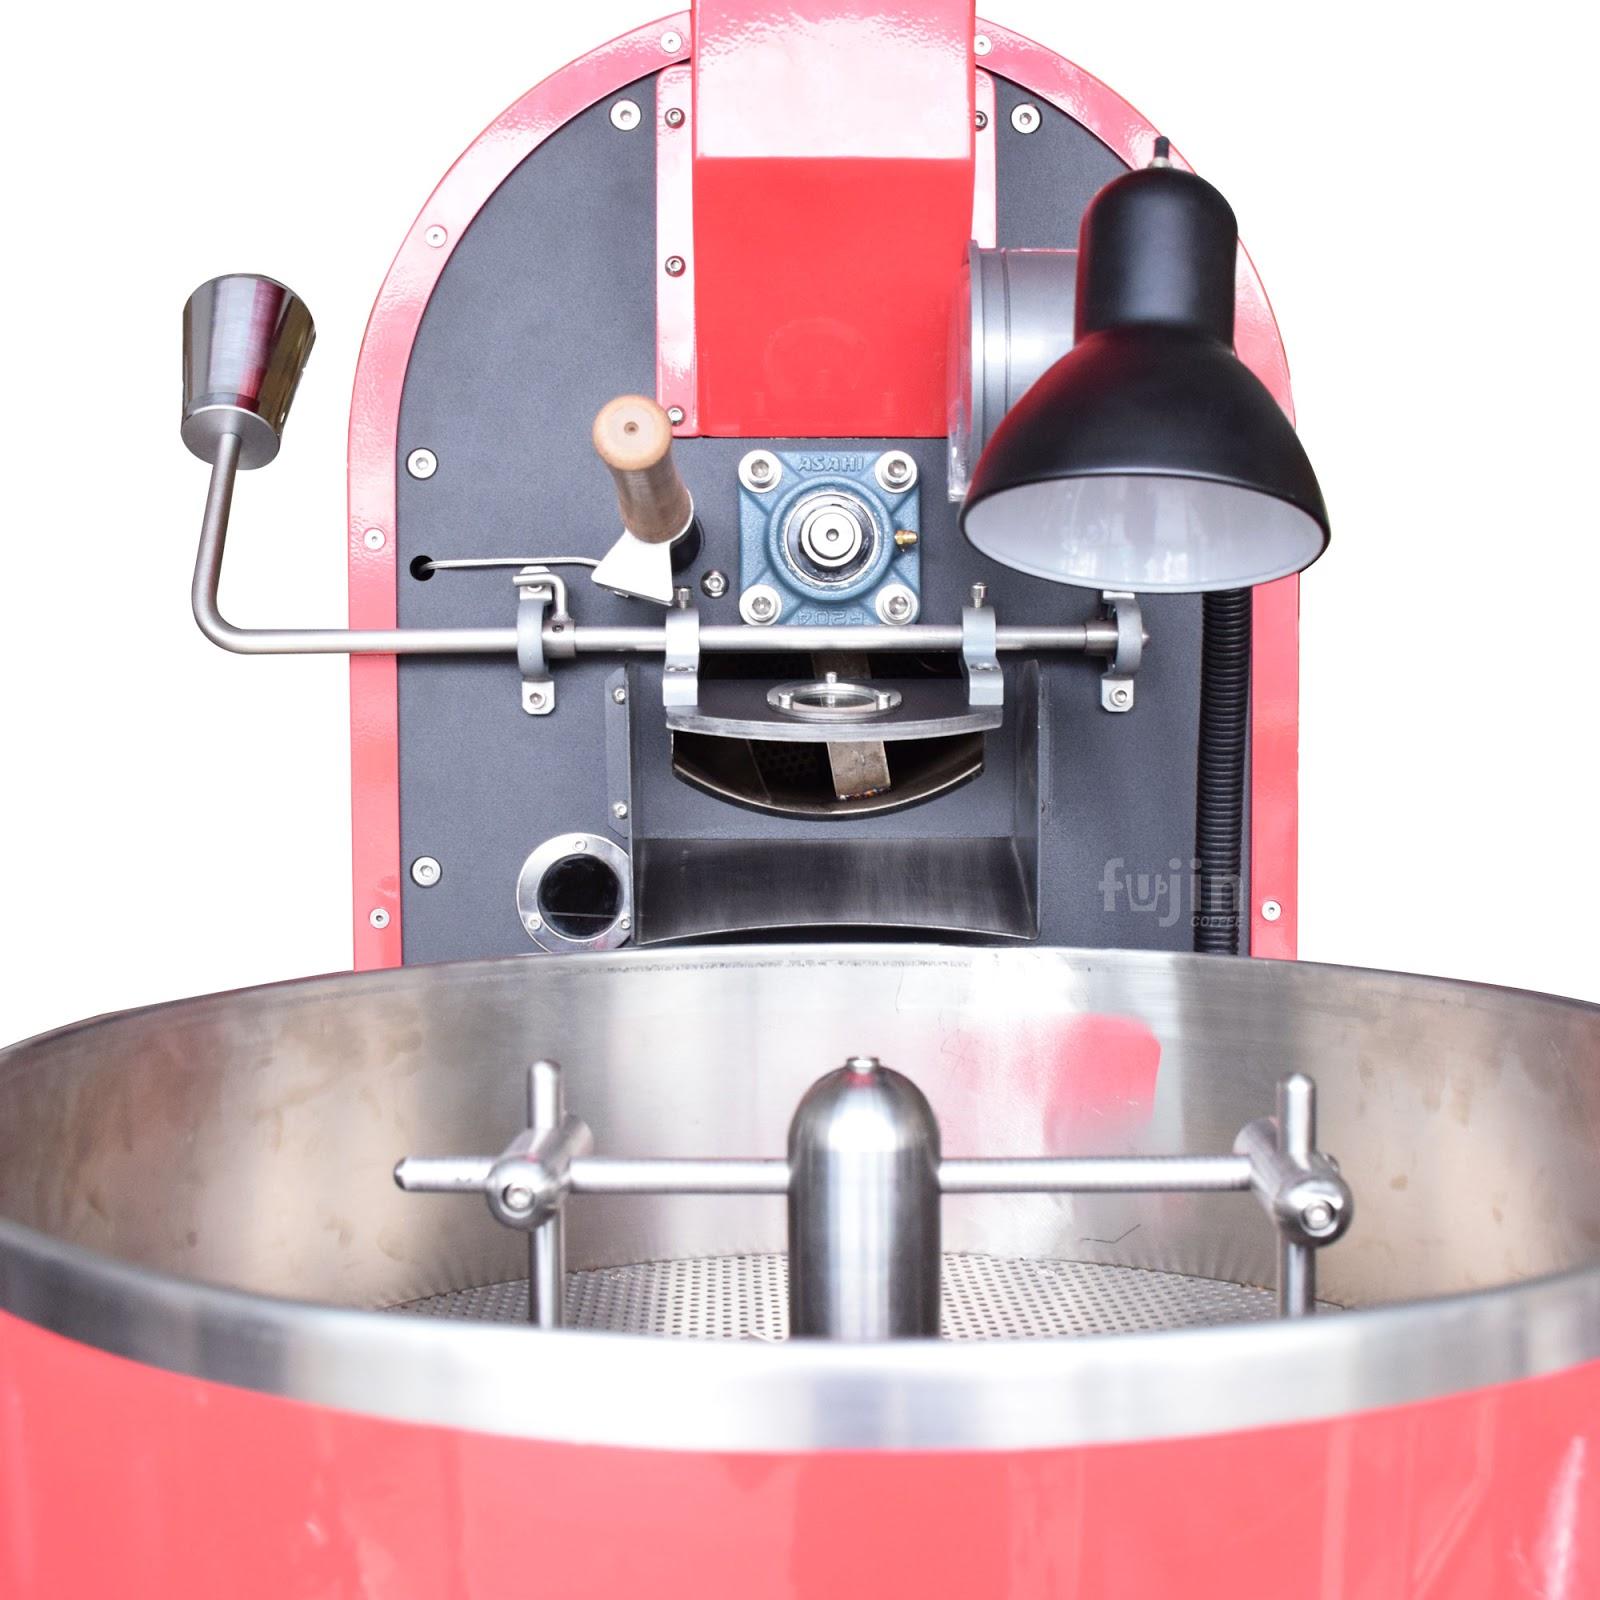 4kg roaster